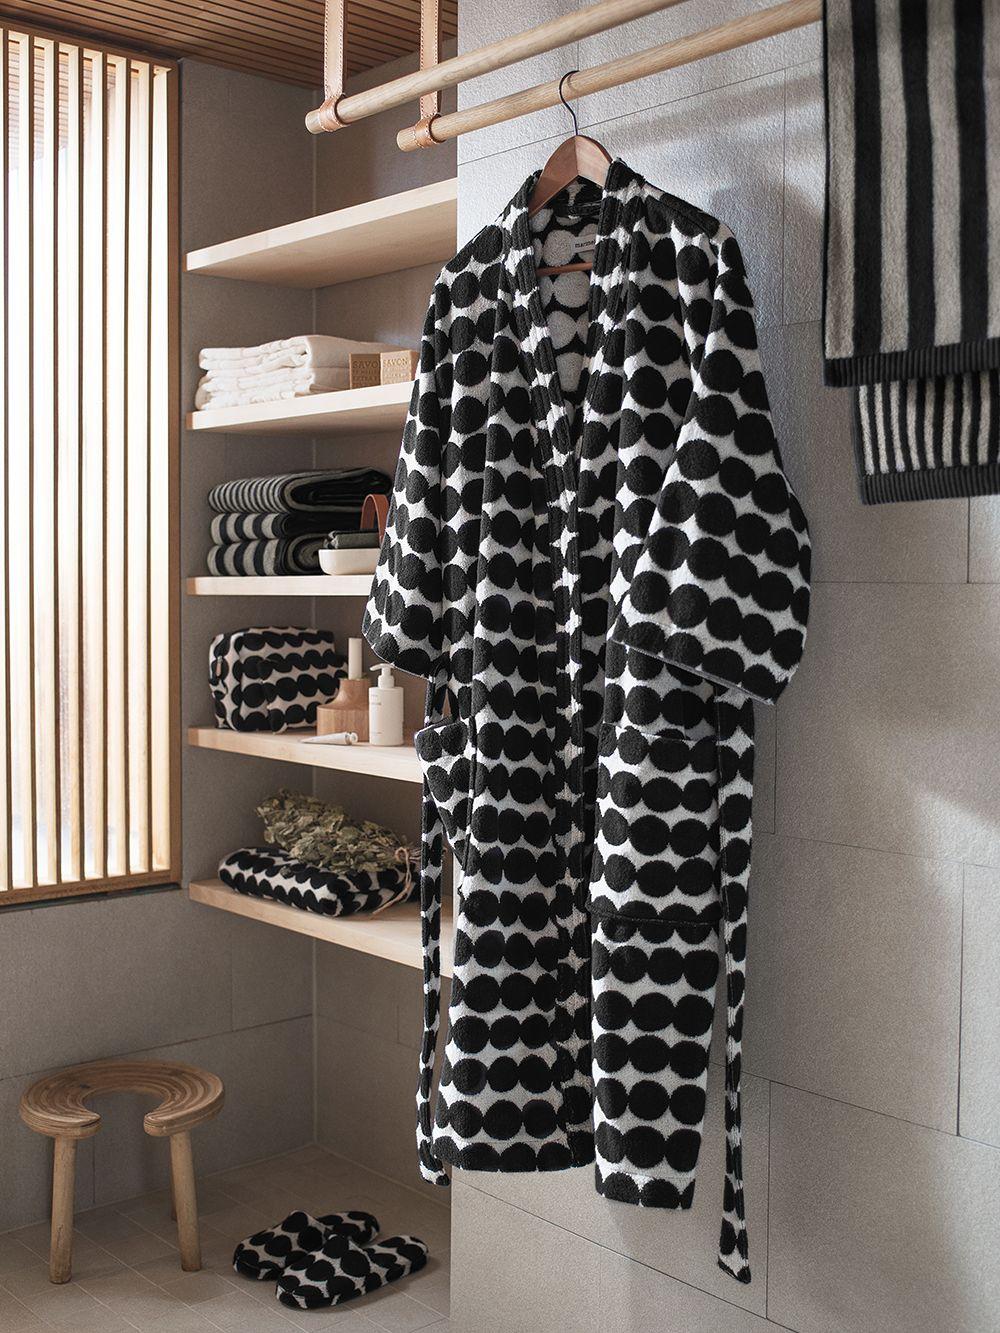 Marimekko Räsymatto bathrobe